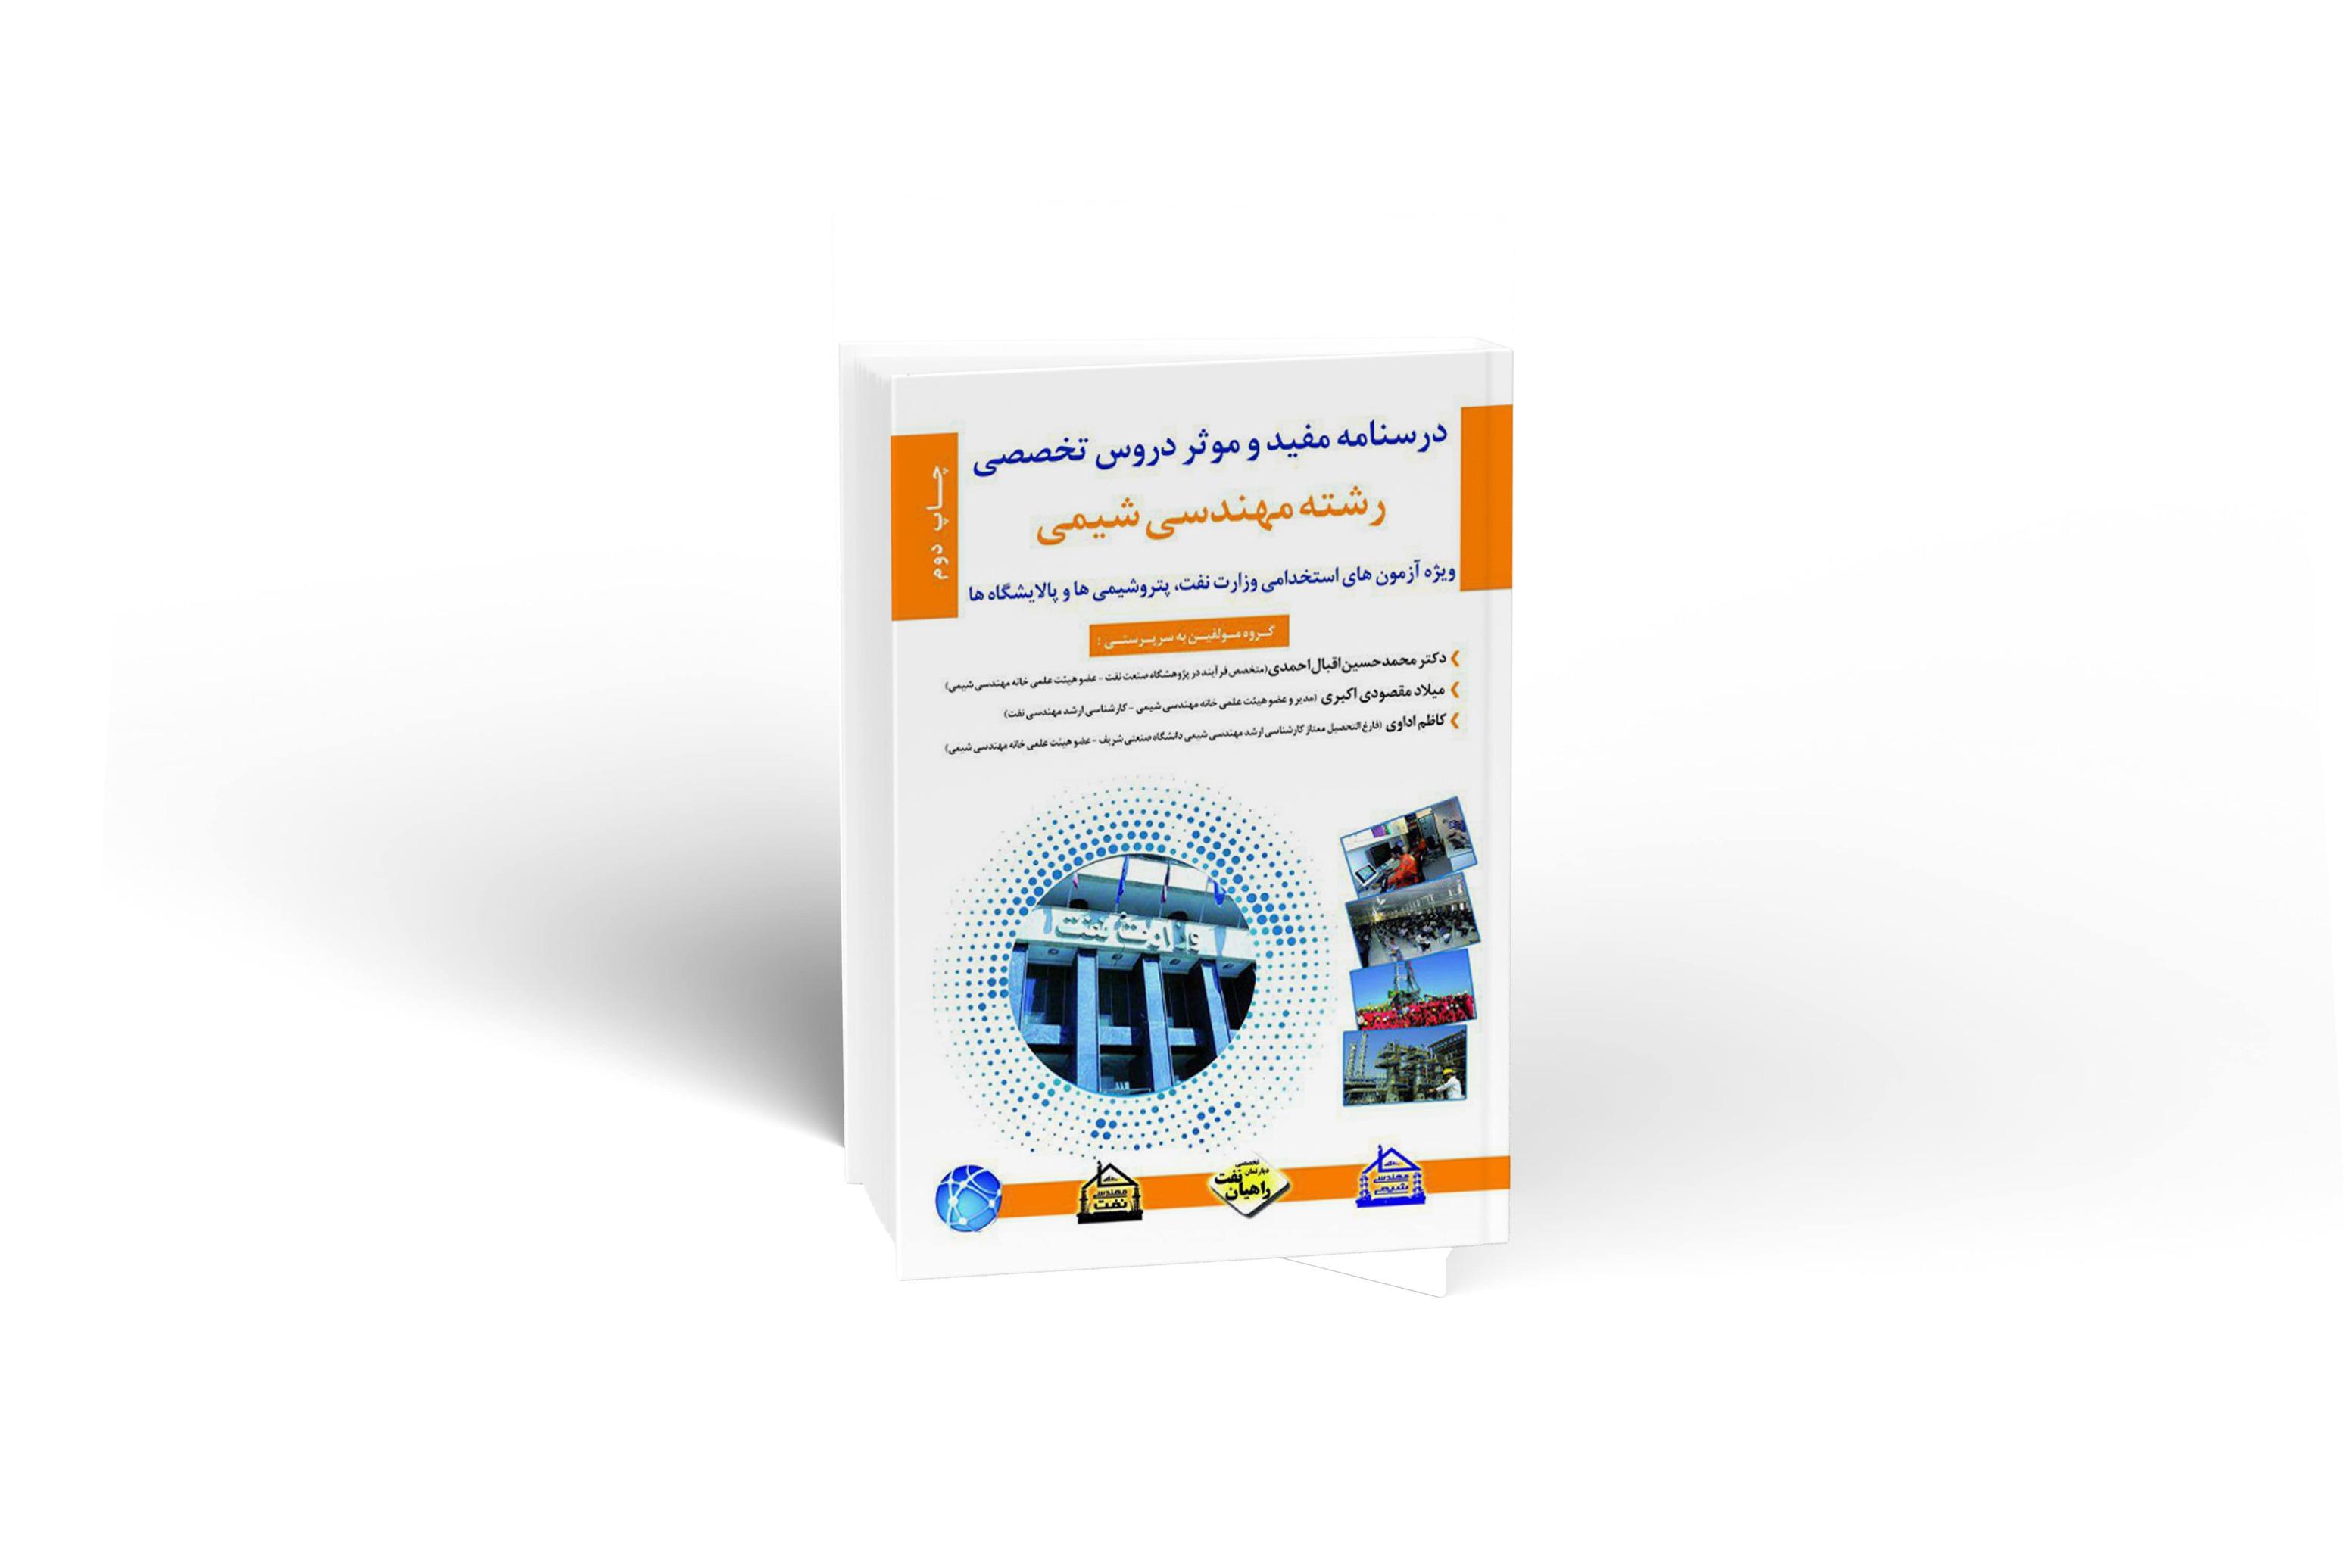 درسنامه دروس تخصصی مهندسی شیمی